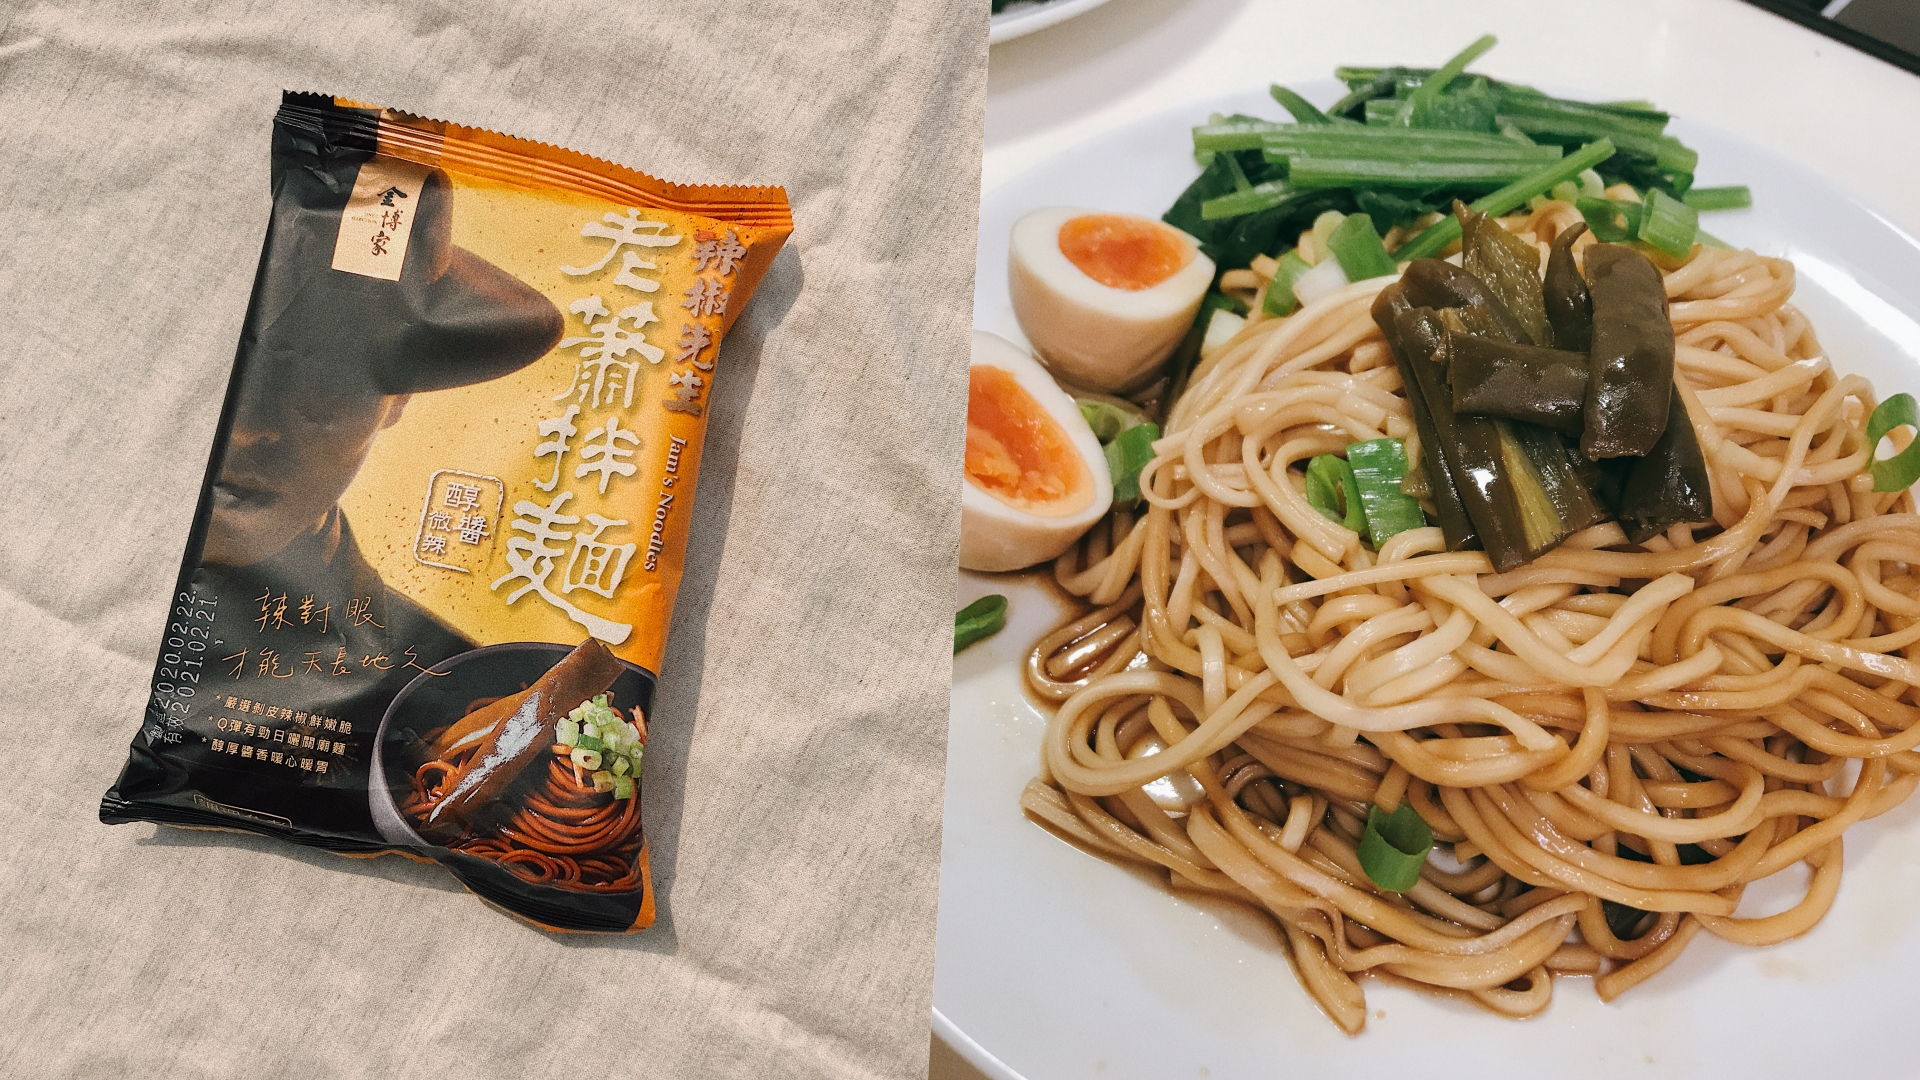 老蕭拌麵裡面有整塊的剝皮辣椒,吃起來爽口又很夠味!